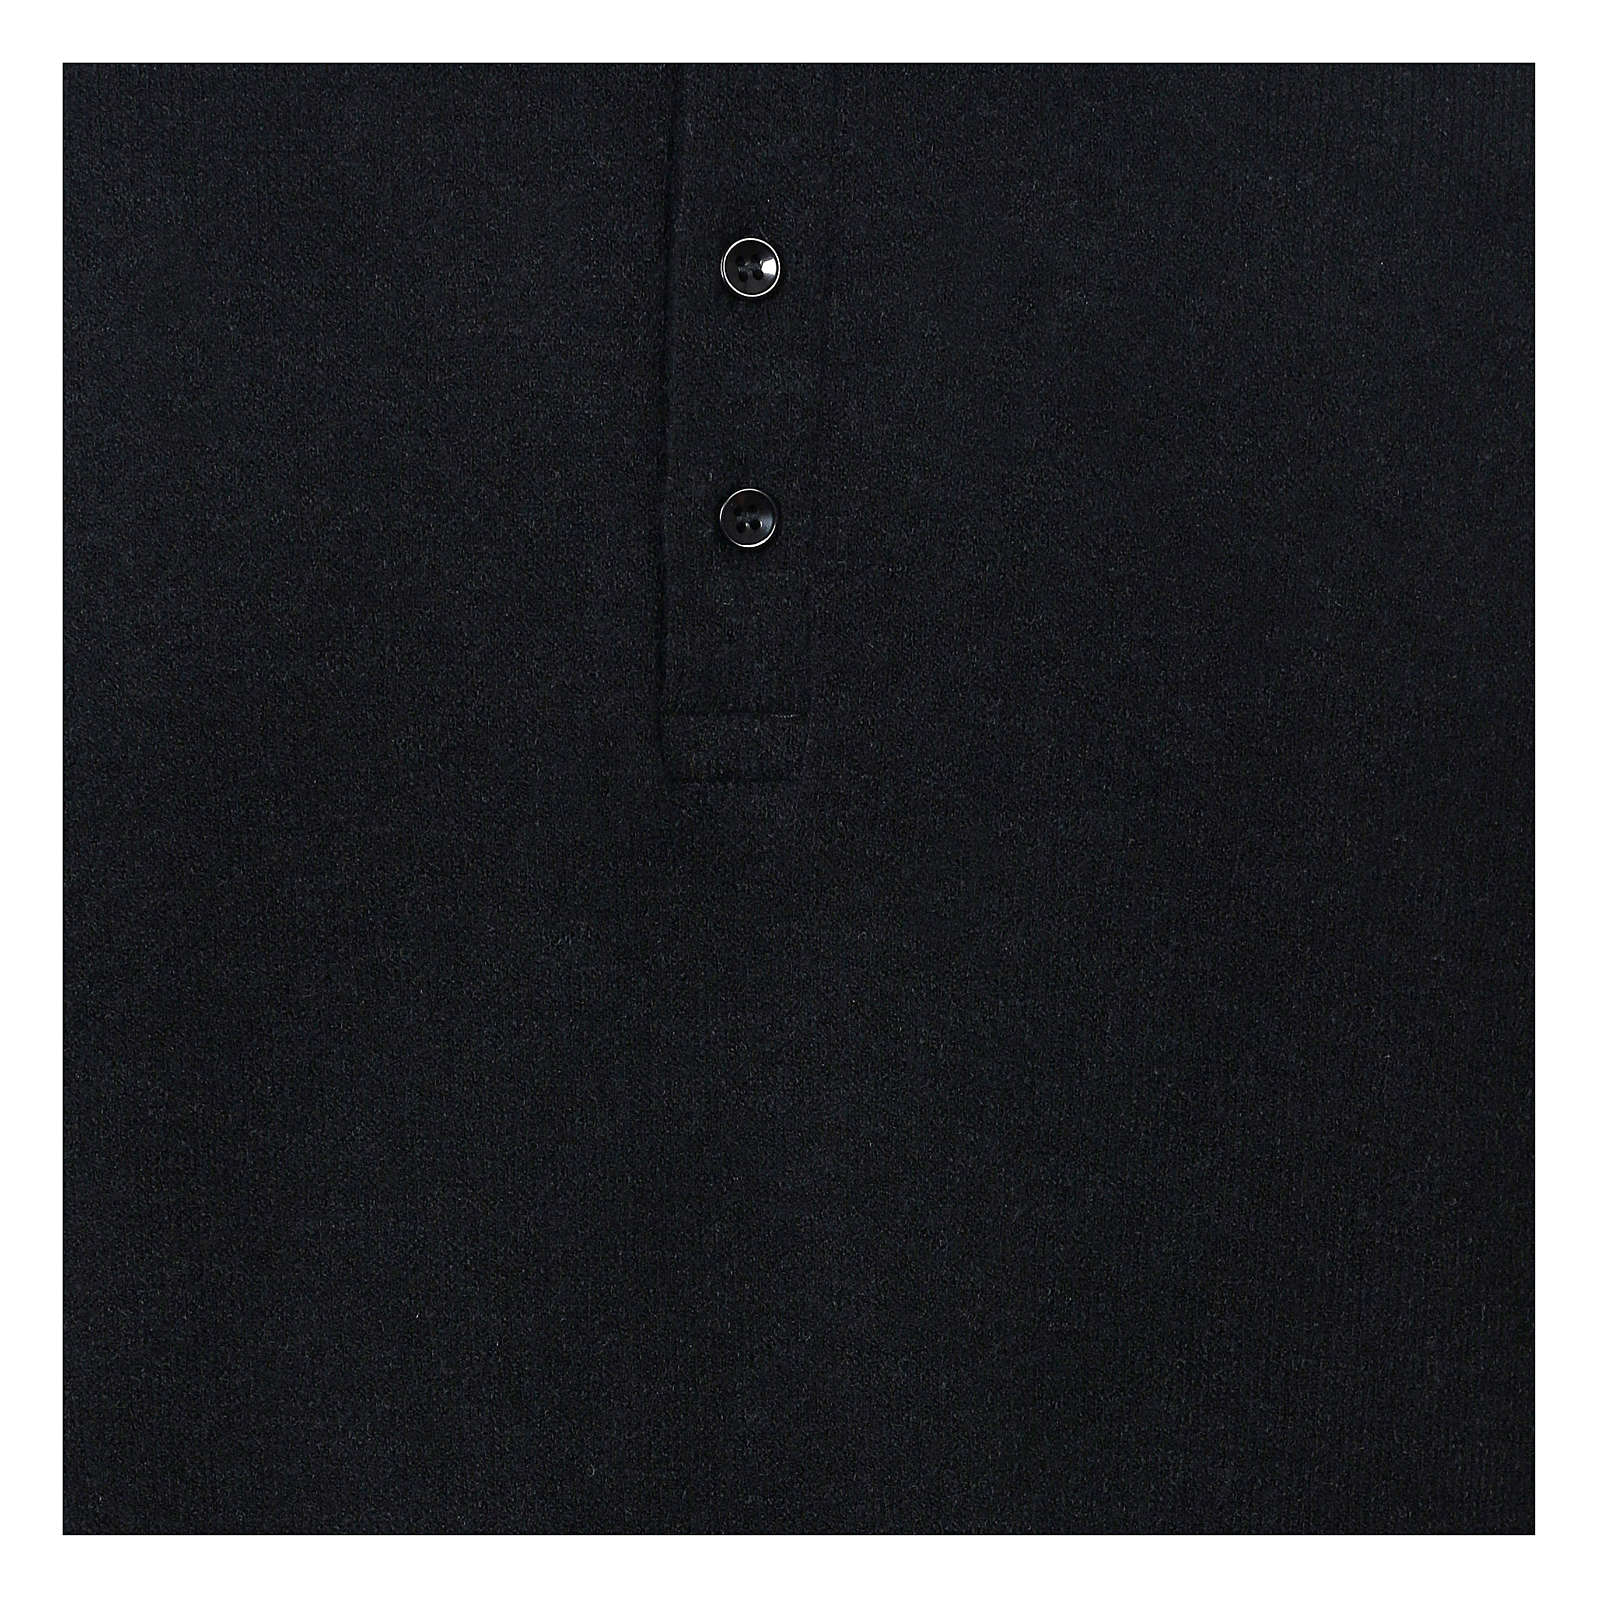 Polo clergy manches longues noir tissu mixte laine 4